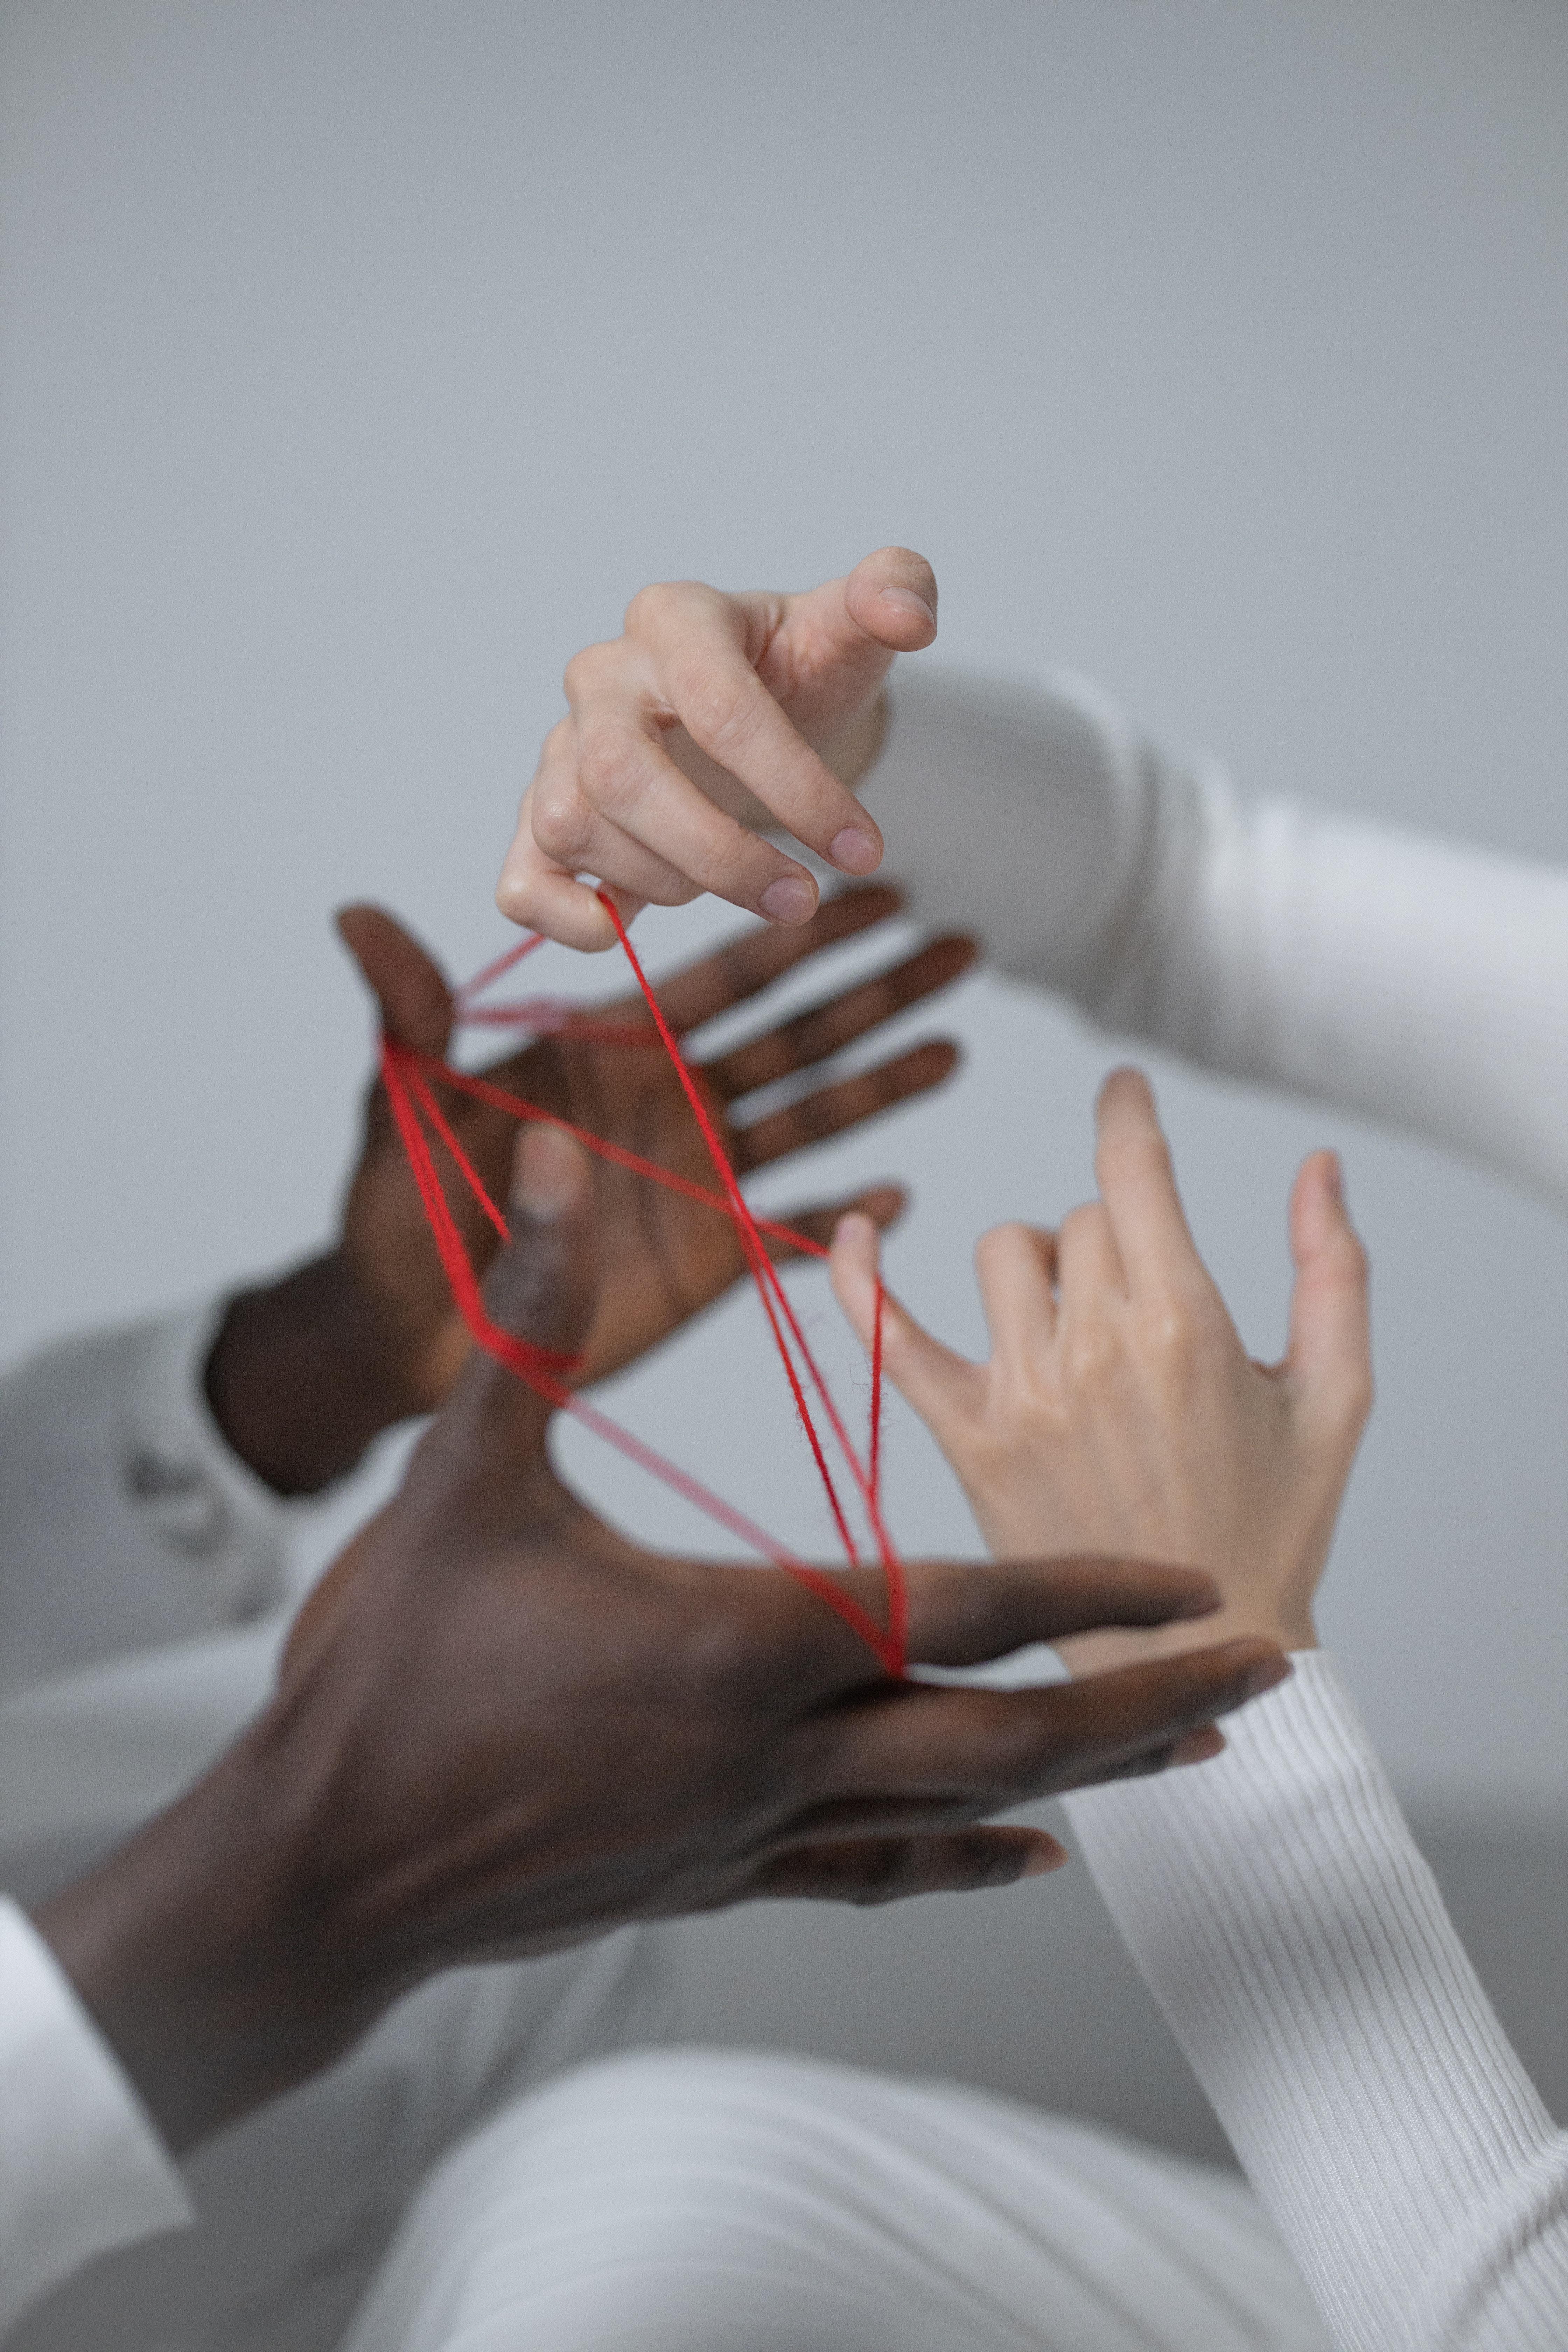 Handen verwikkelt in een web van rode draden